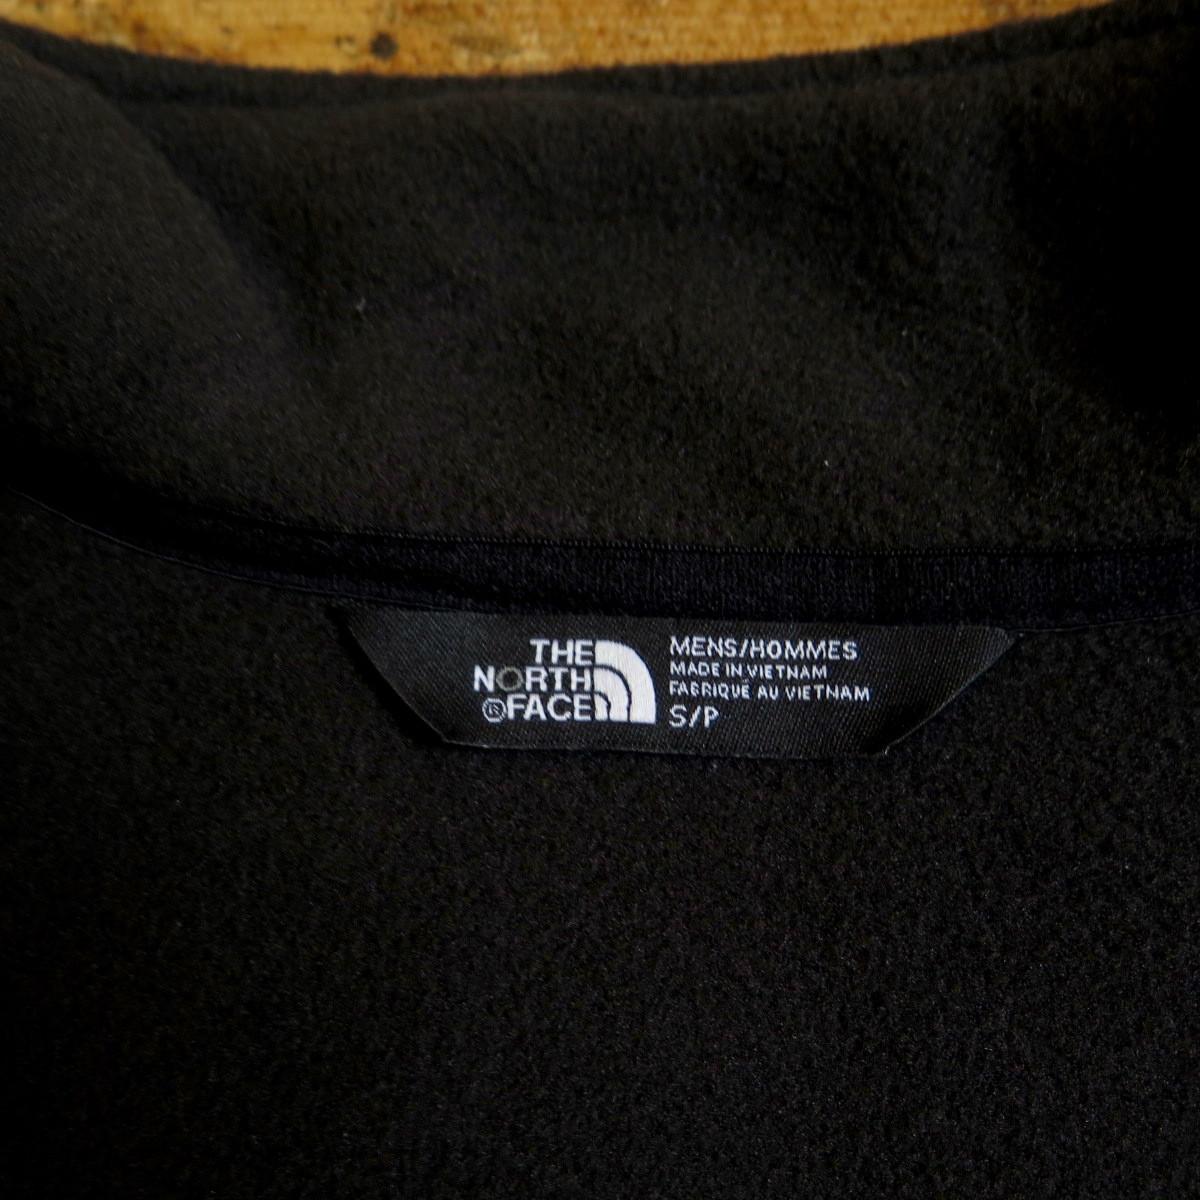 新品☆本物 USAモデル THE NORTH FACE 300 TUNDRA FLEECE JACKET Sサイズ ノースフェイス フリースジャケット BLACK アメリカ購入_画像9